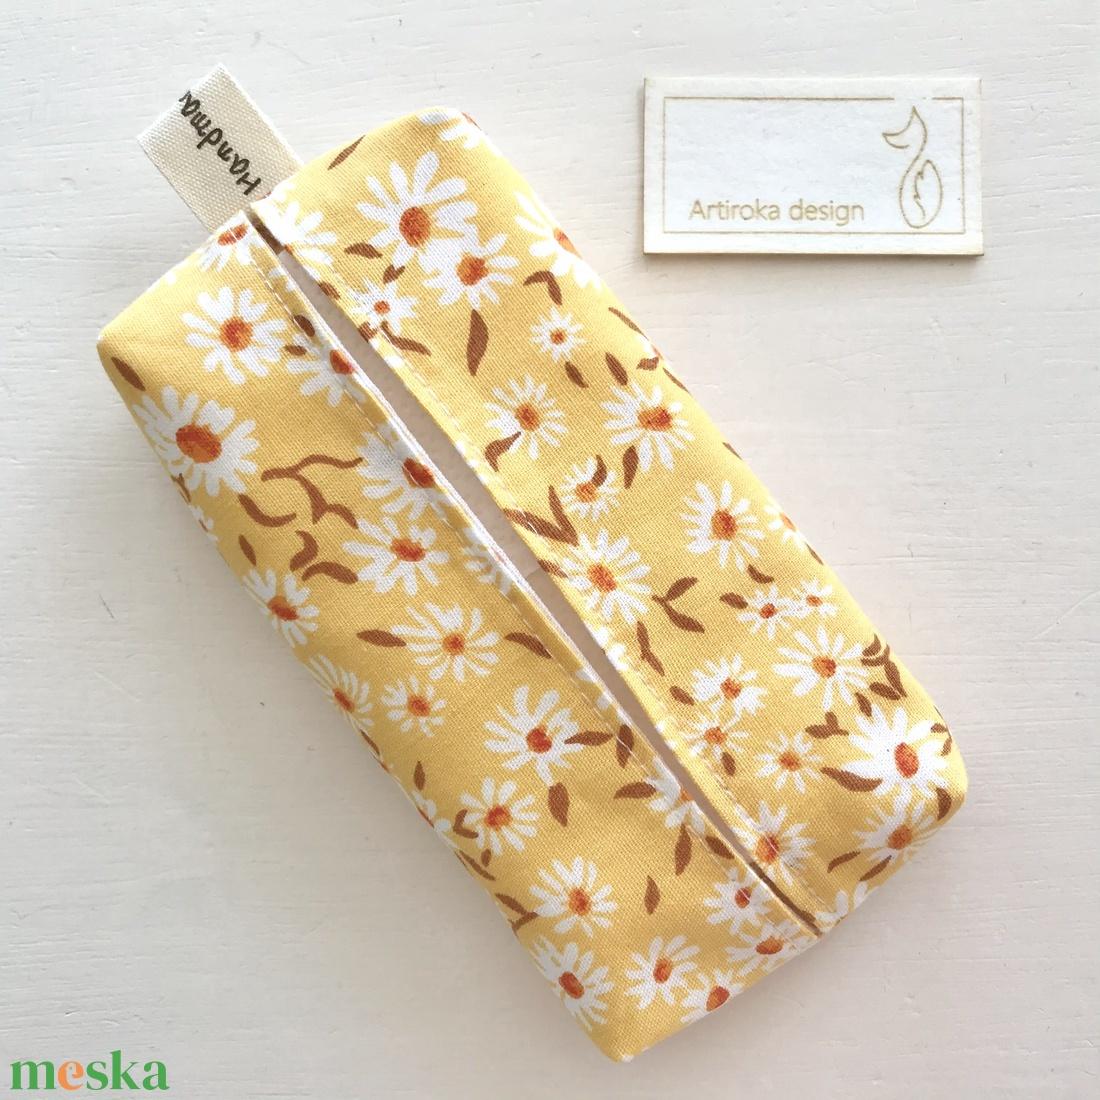 Margaréta virág mintás bélelt papírzsebkendő tartó - Artiroka design  - táska & tok - pénztárca & más tok - zsebkendőtartó tok - Meska.hu